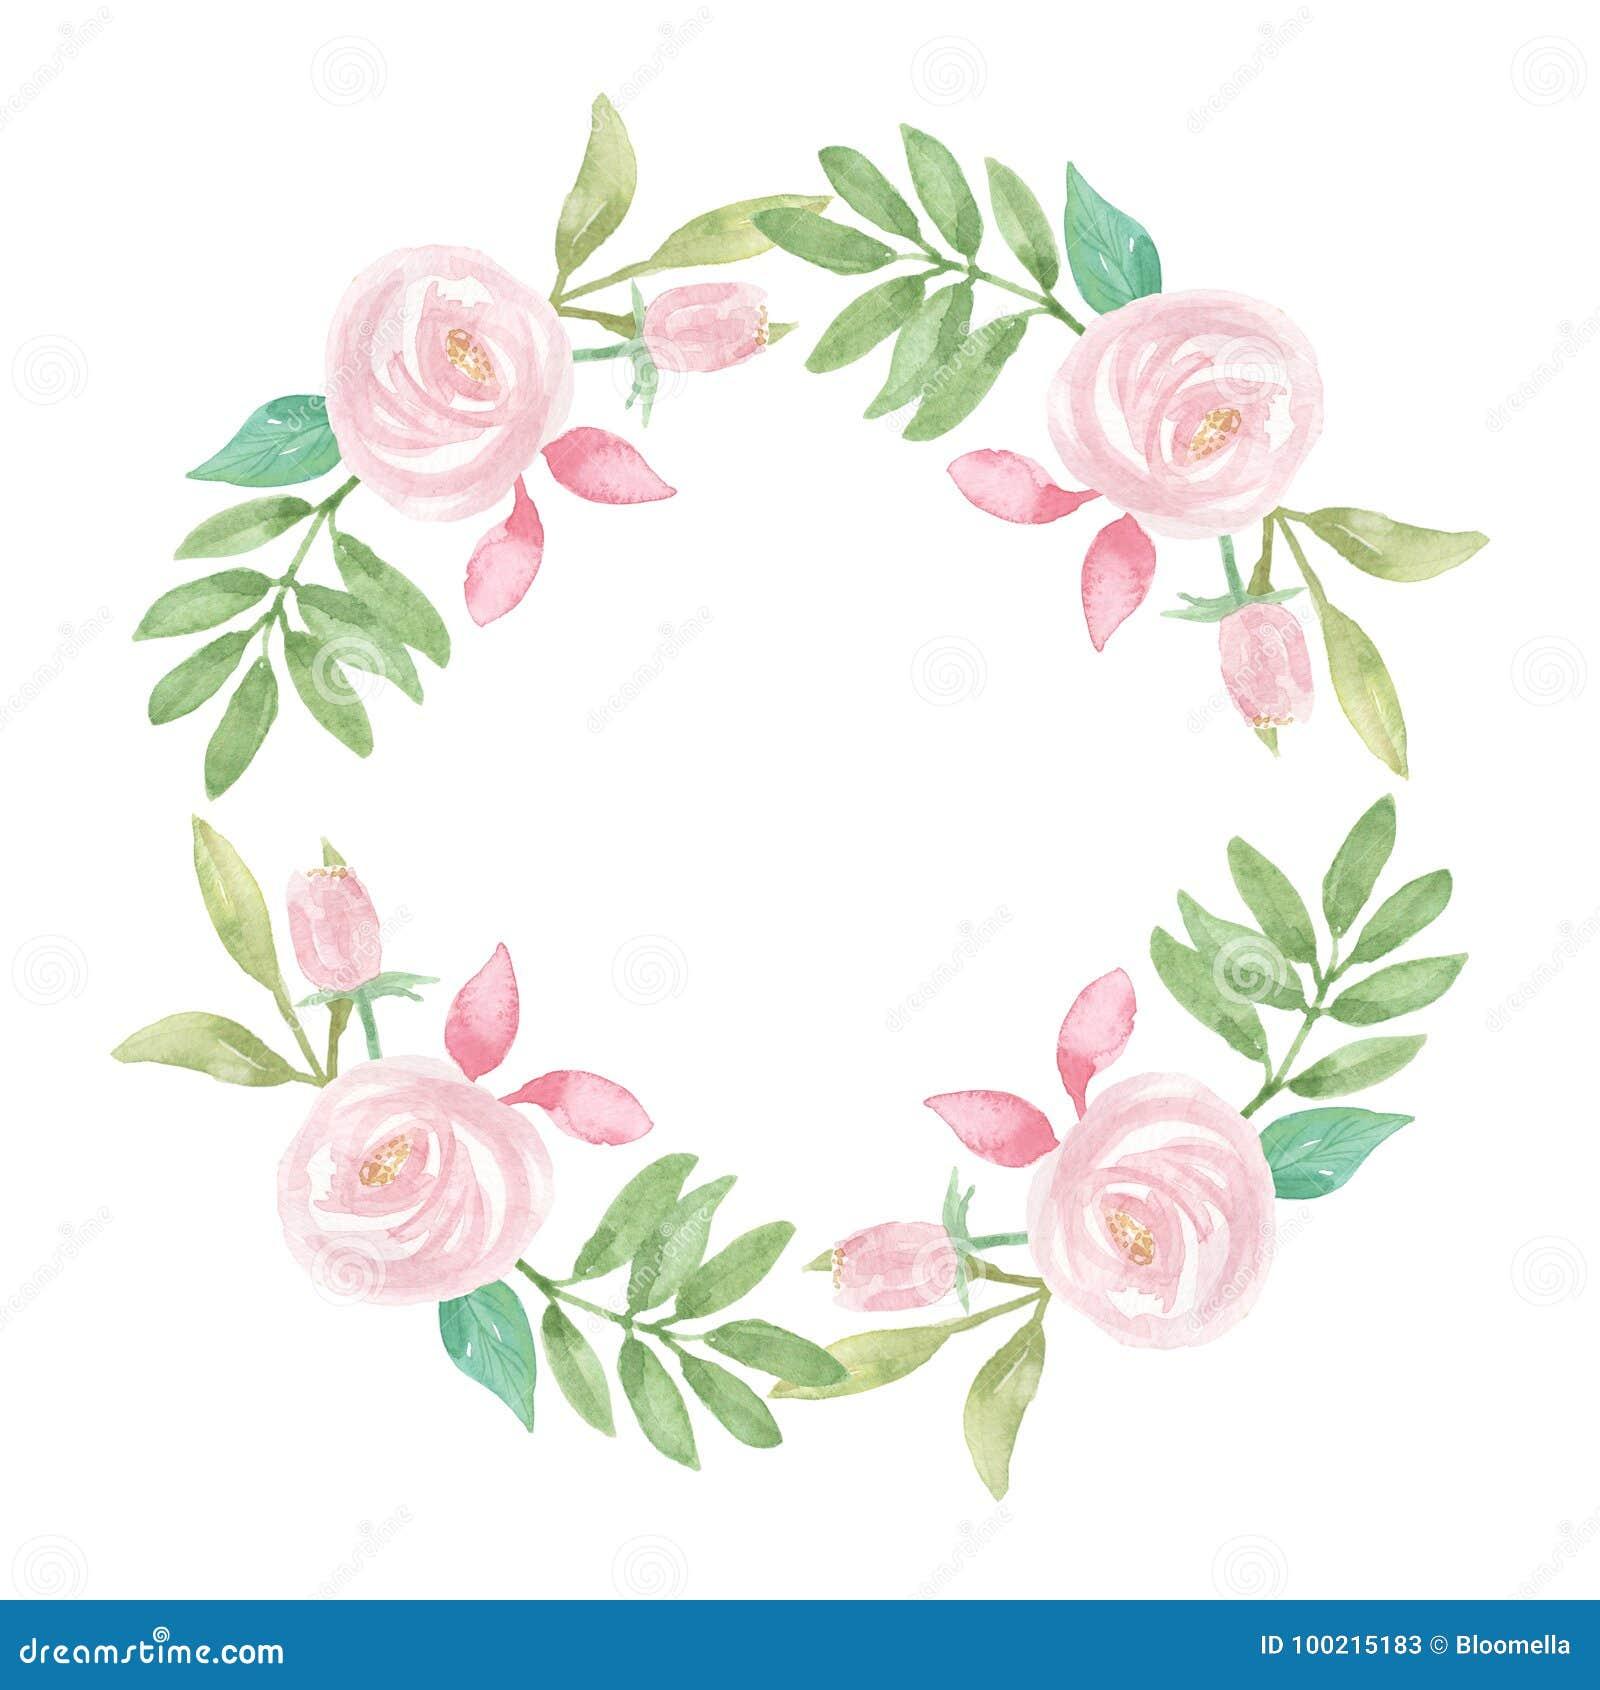 Watercolour-Rahmen-Rosa-Kranz-Hochzeits-Blume Handgemalter Garland ...